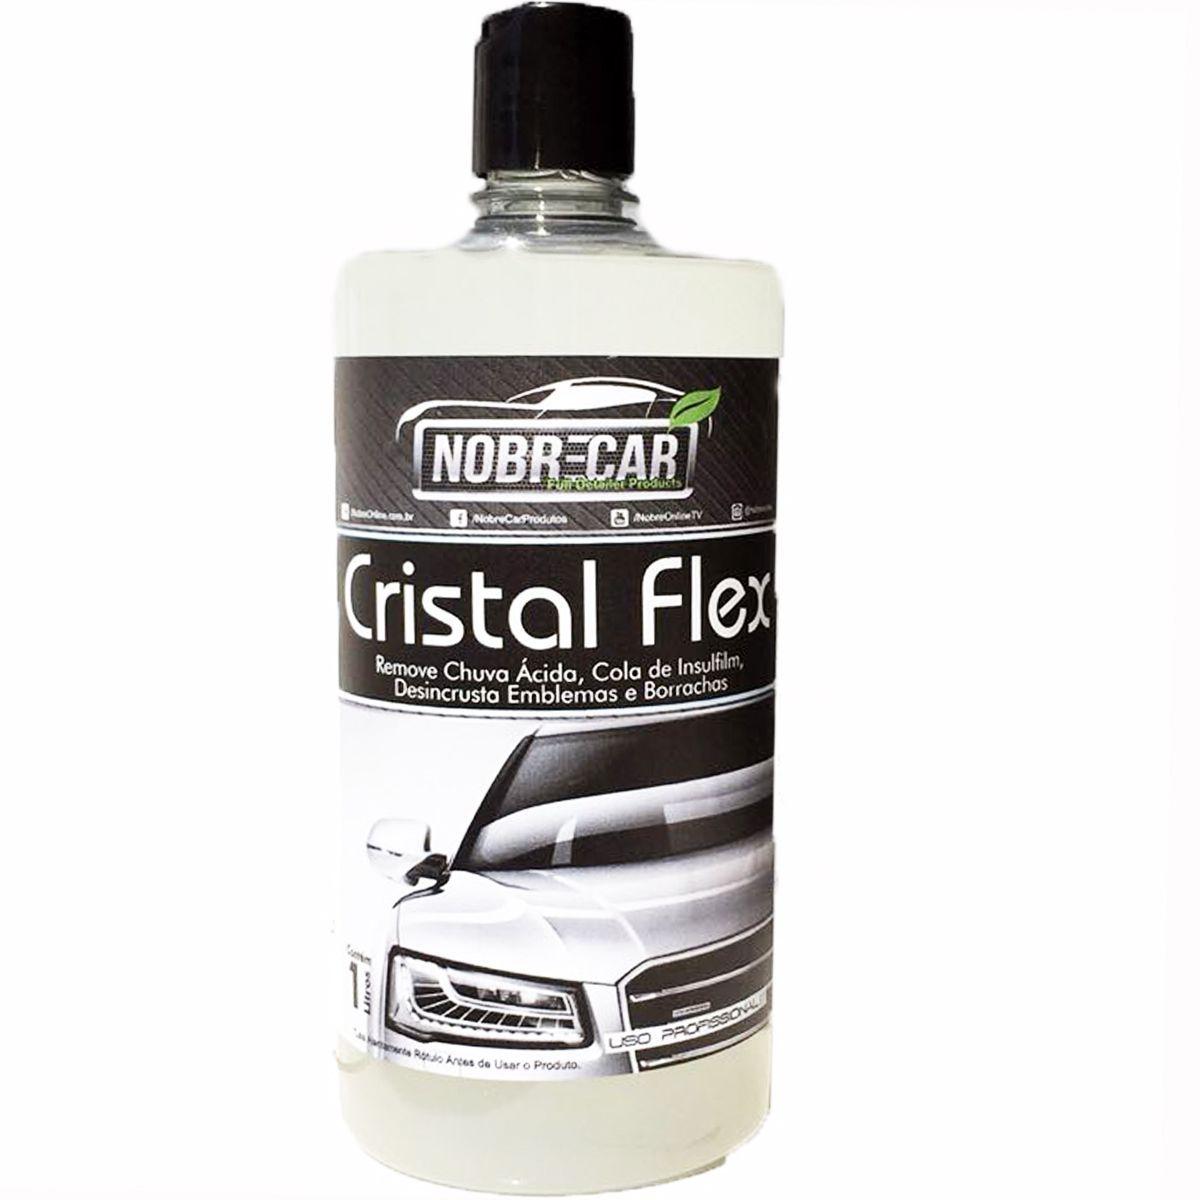 Cristal Flex Removedor de Chuva Ácida 1L - Nobre Car